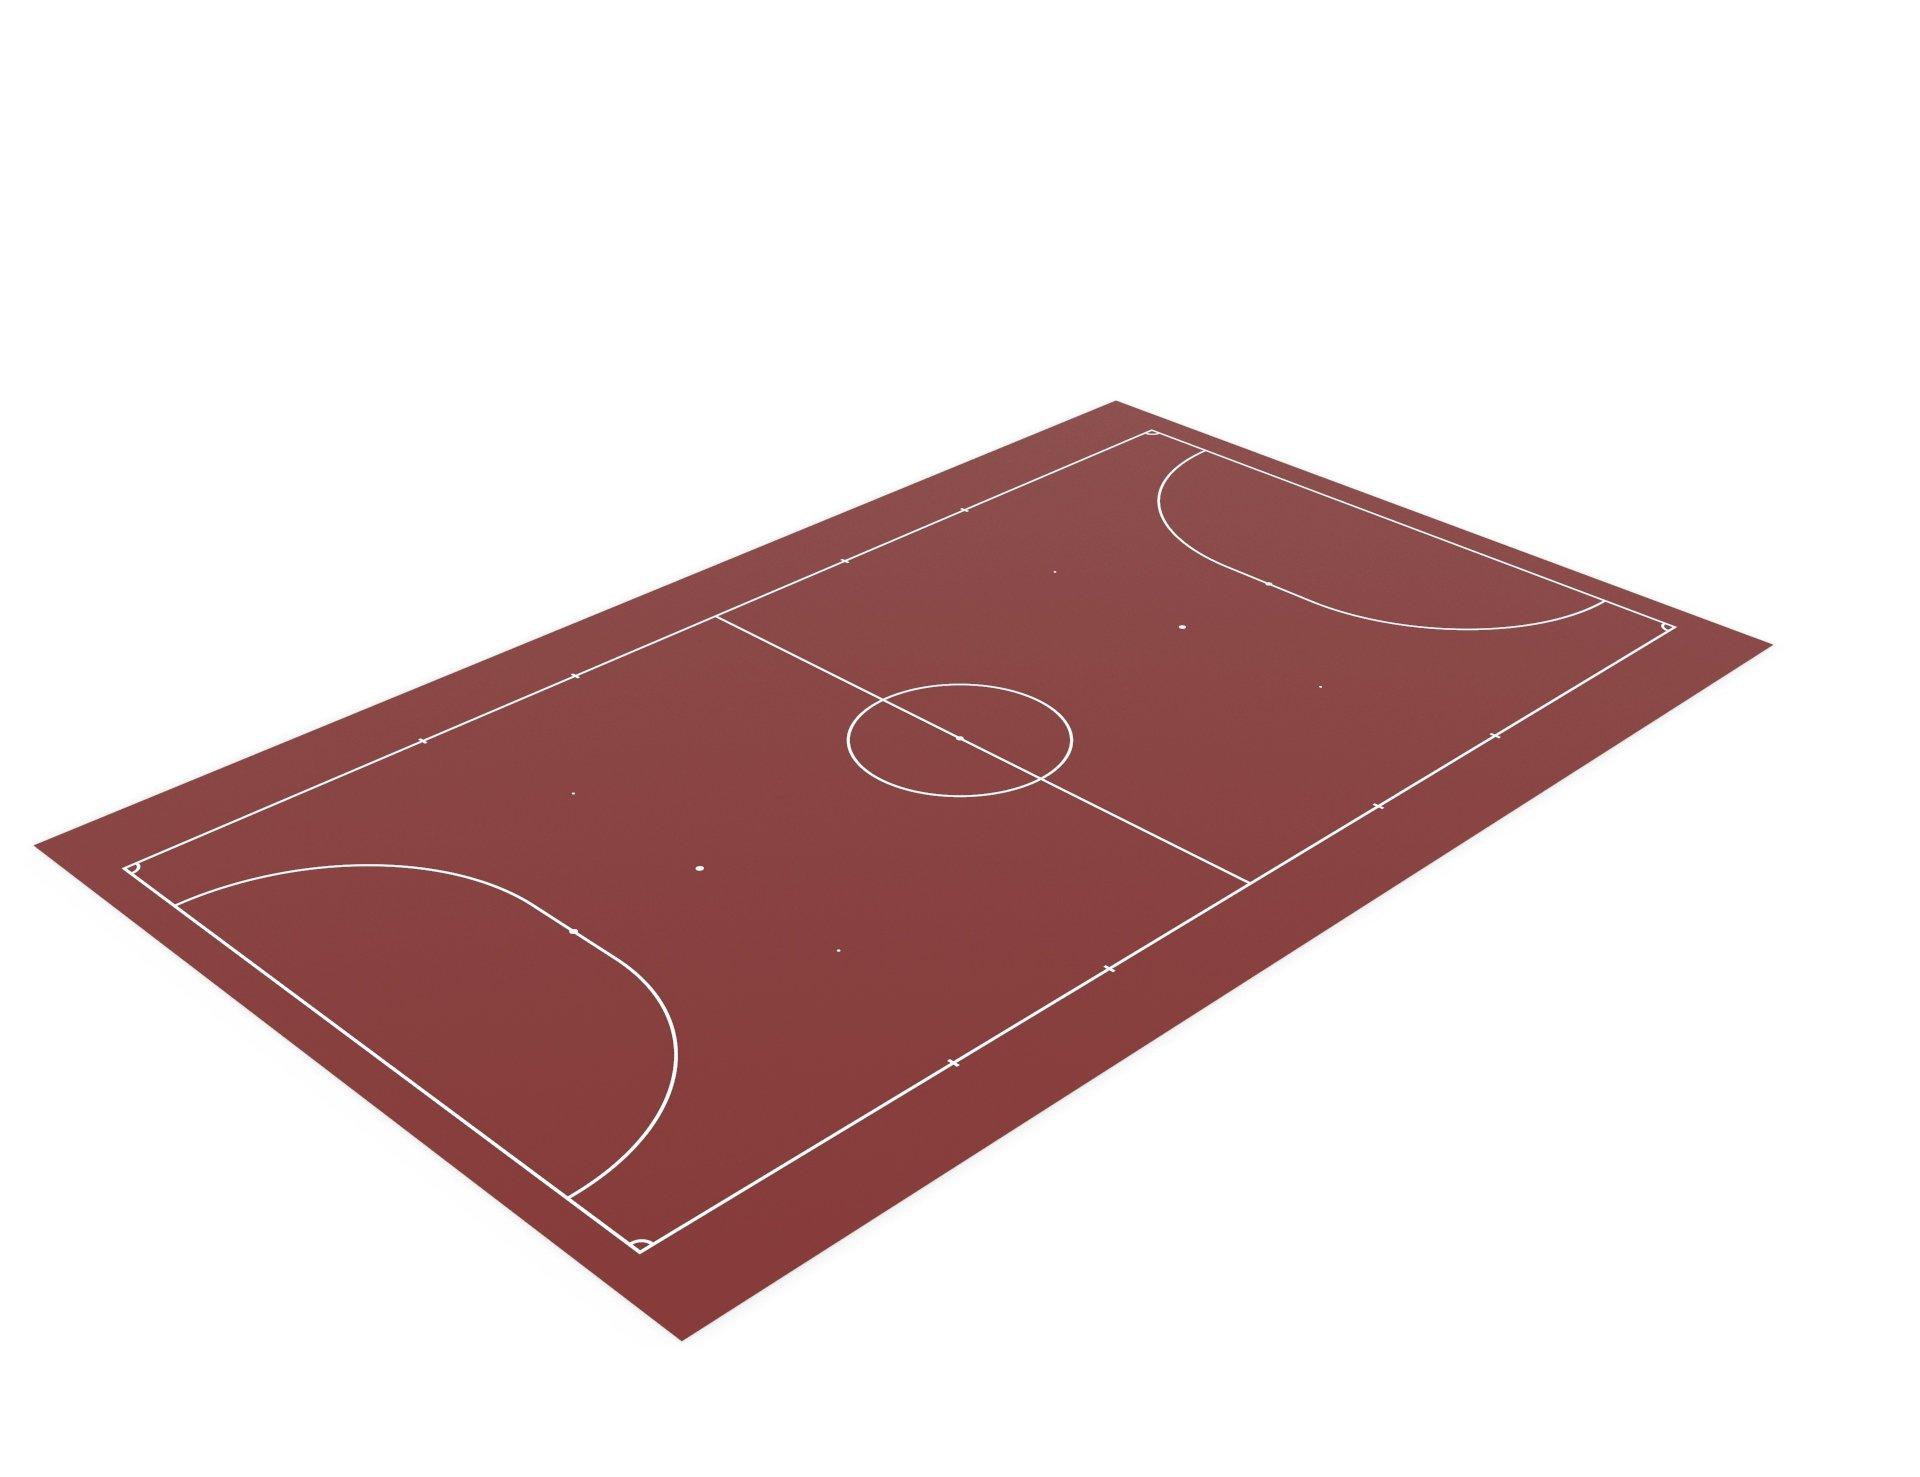 Разметка спортивных площадок. Разметка минифутбольной площадки.